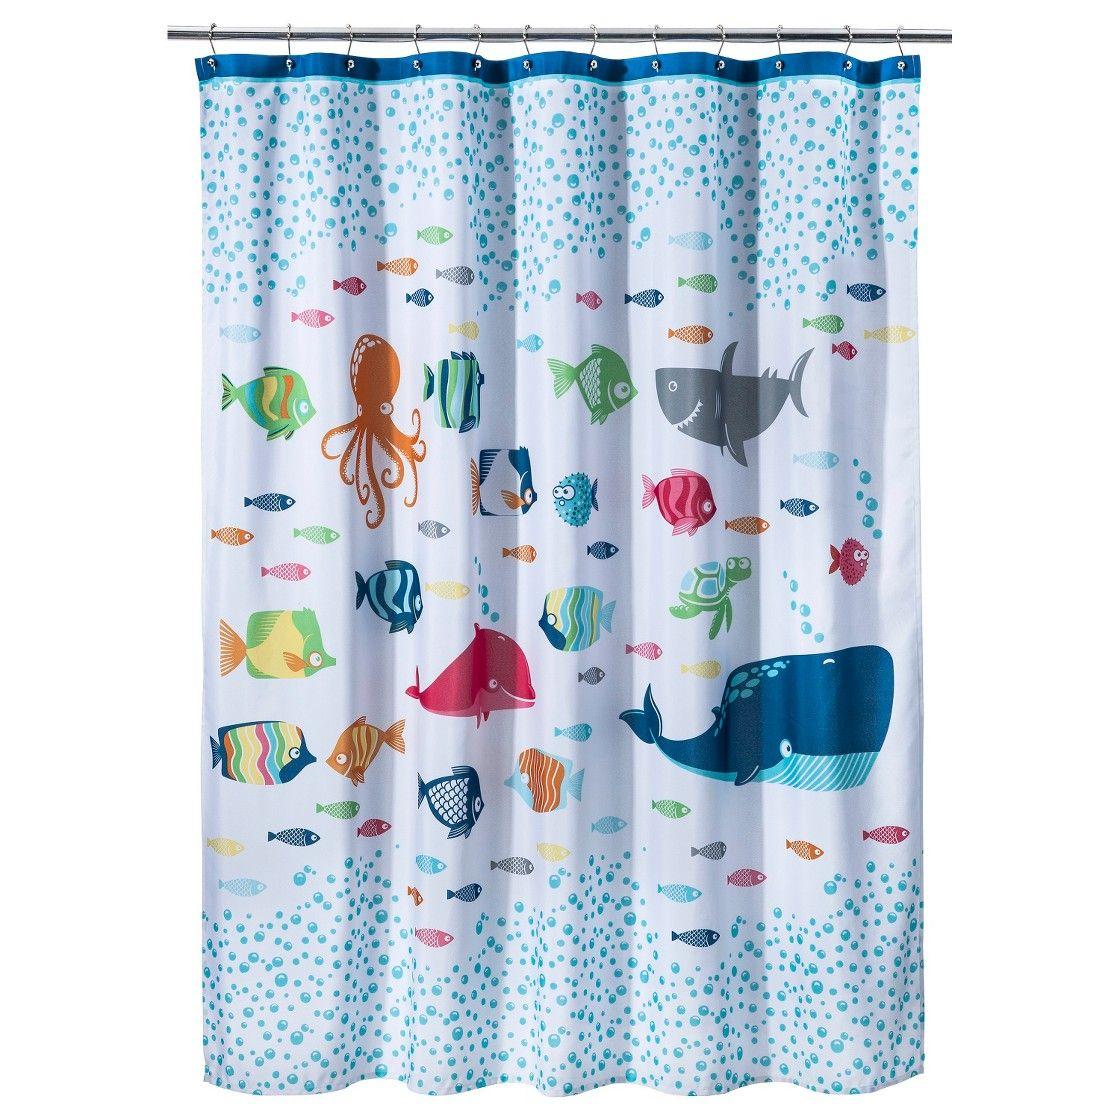 Ba bathroom curtains at sears - Circo Fish Shower Curtain